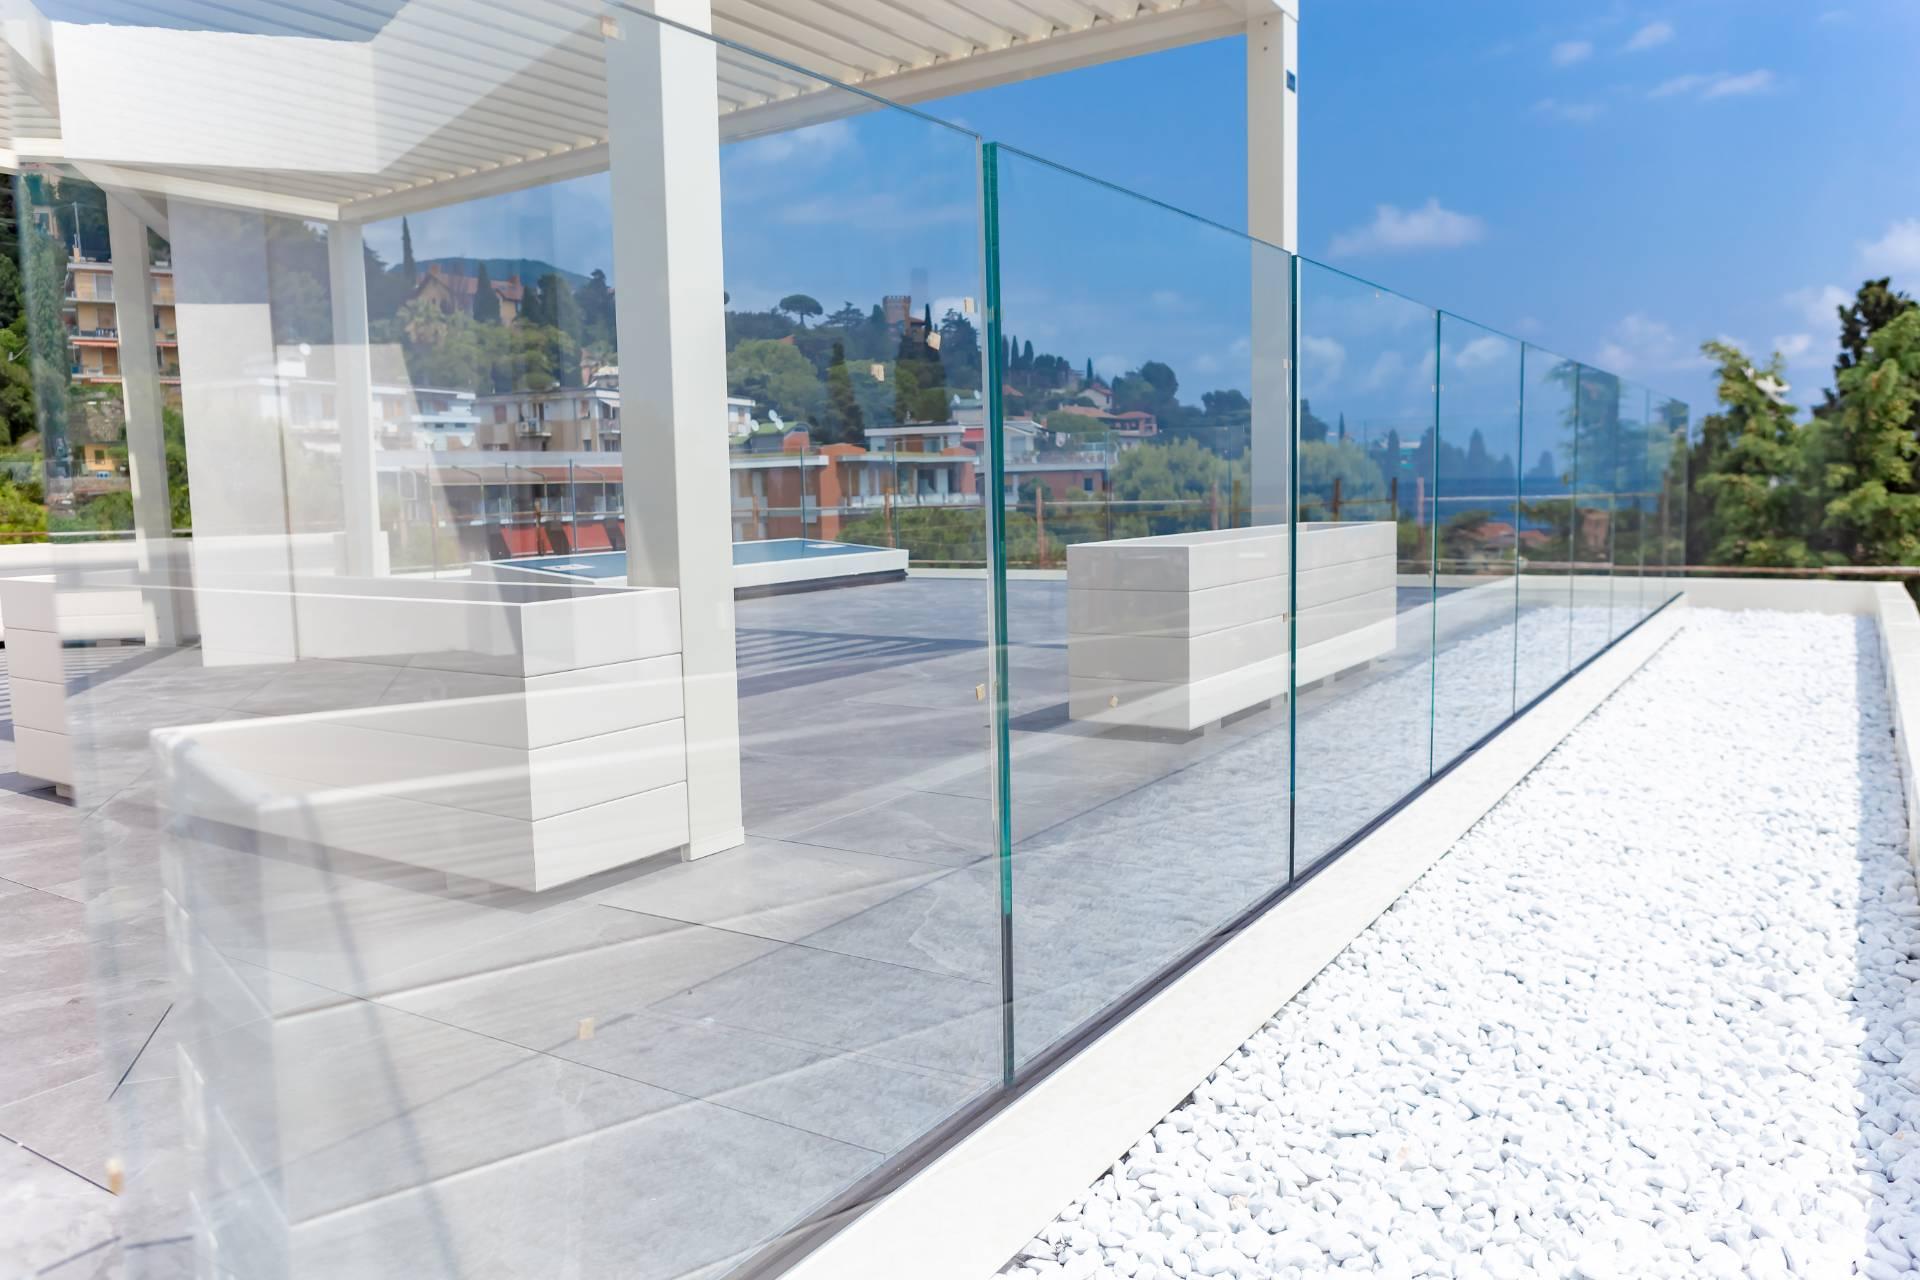 Attico / Mansarda in vendita a Alassio, 2 locali, zona Località: RegioneSanRocco, prezzo € 556.500 | PortaleAgenzieImmobiliari.it